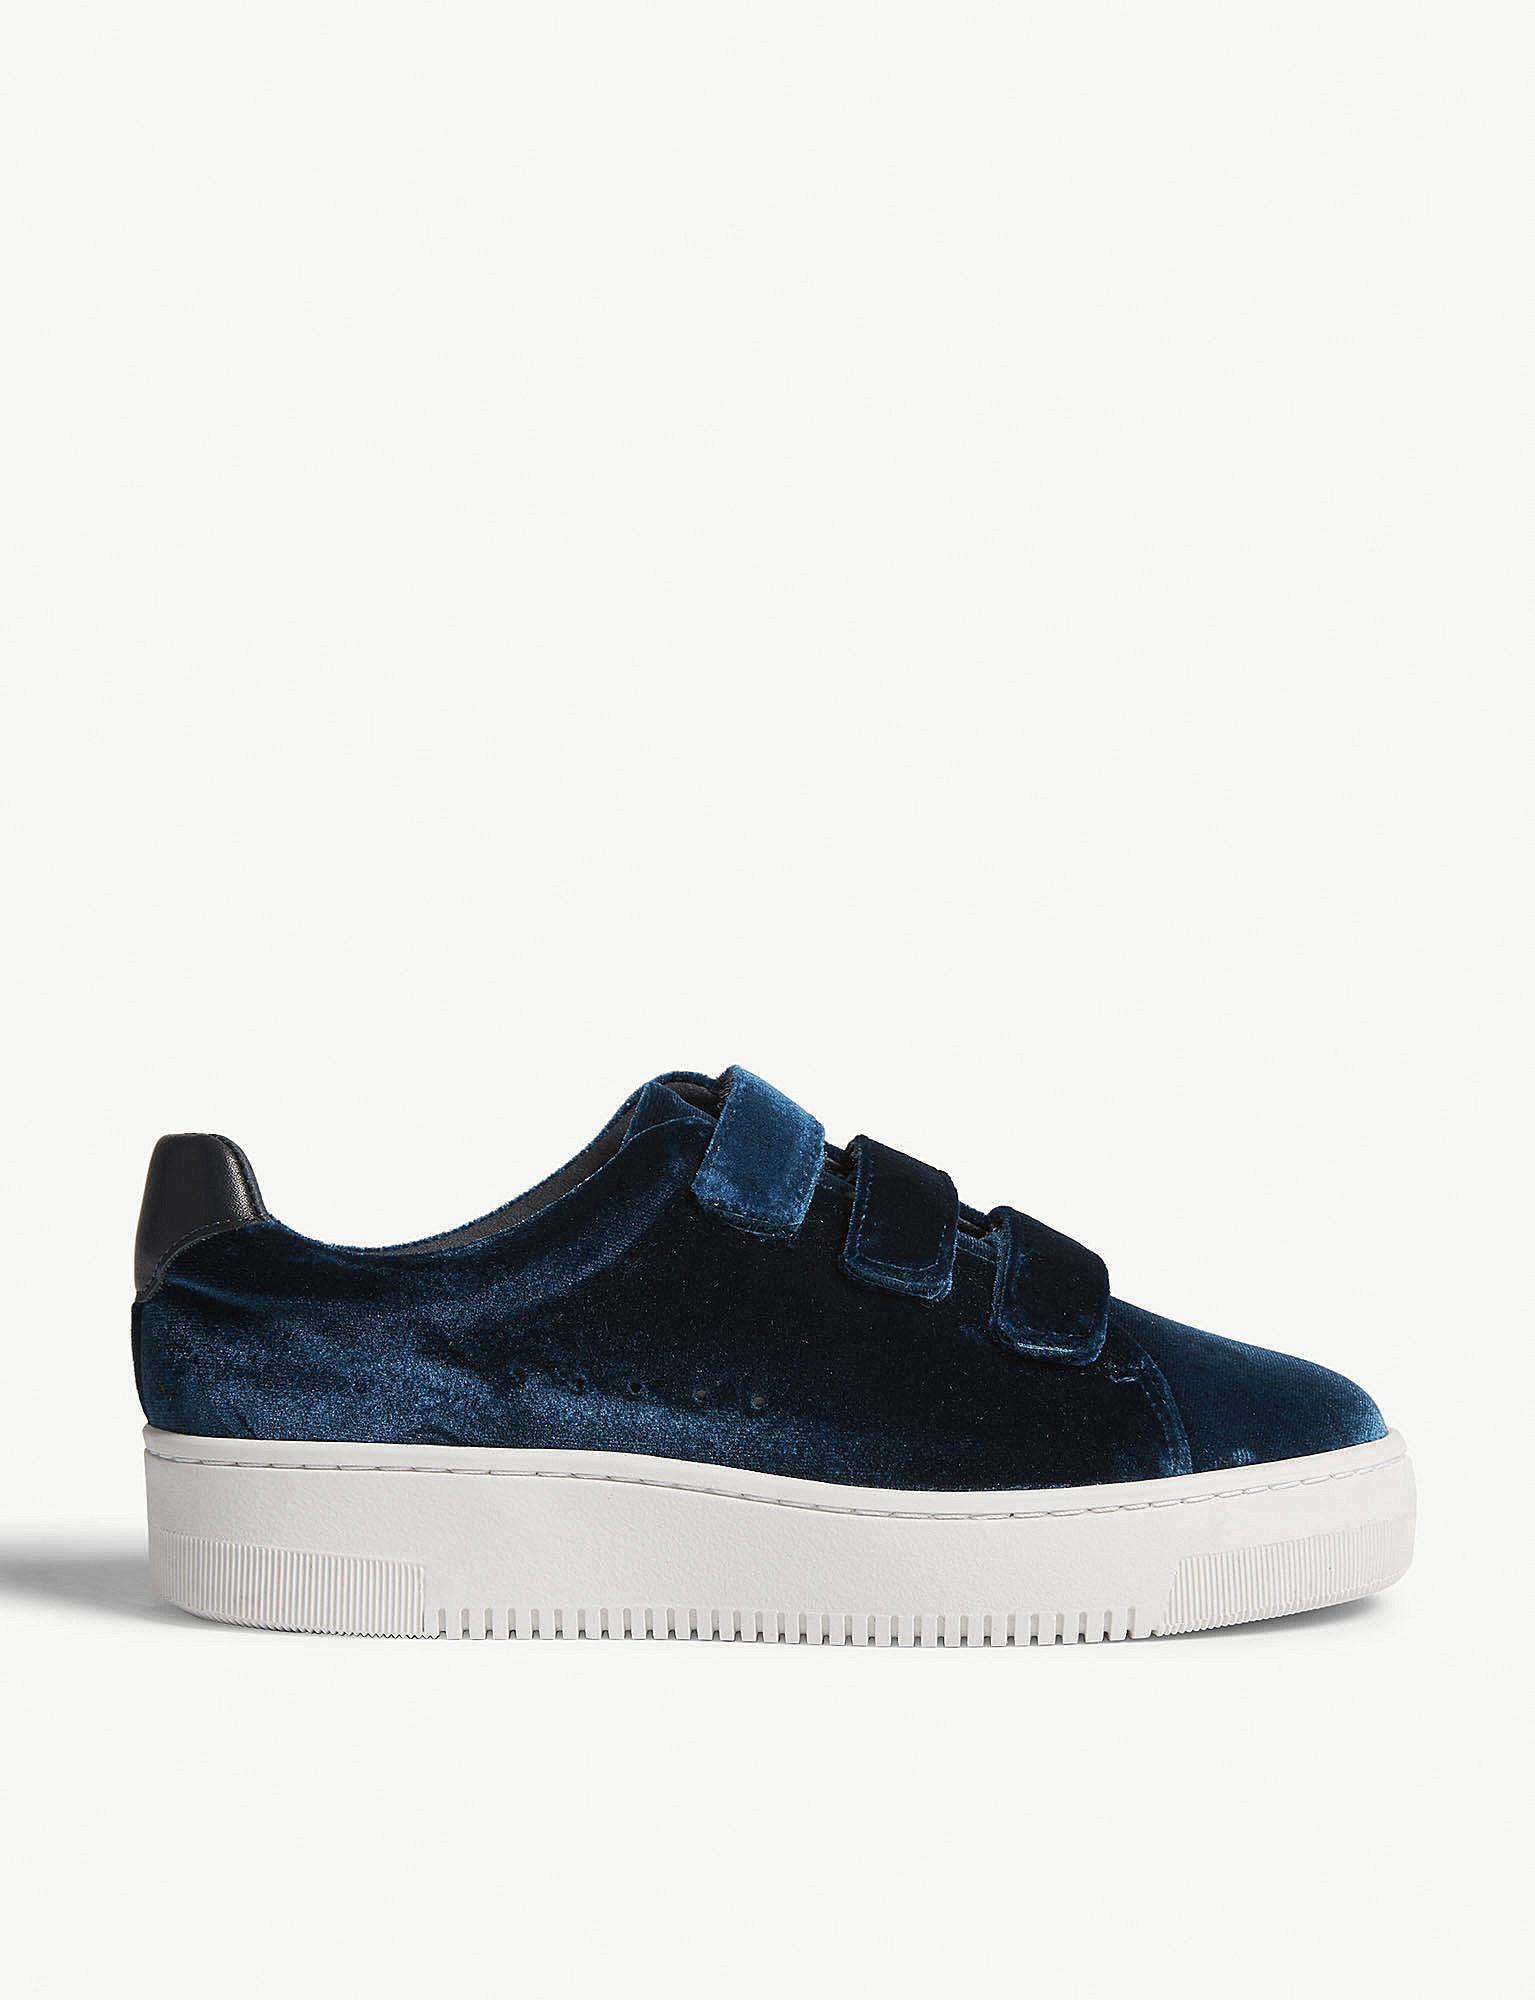 Sandro Velvet Sneakers With Velcro in